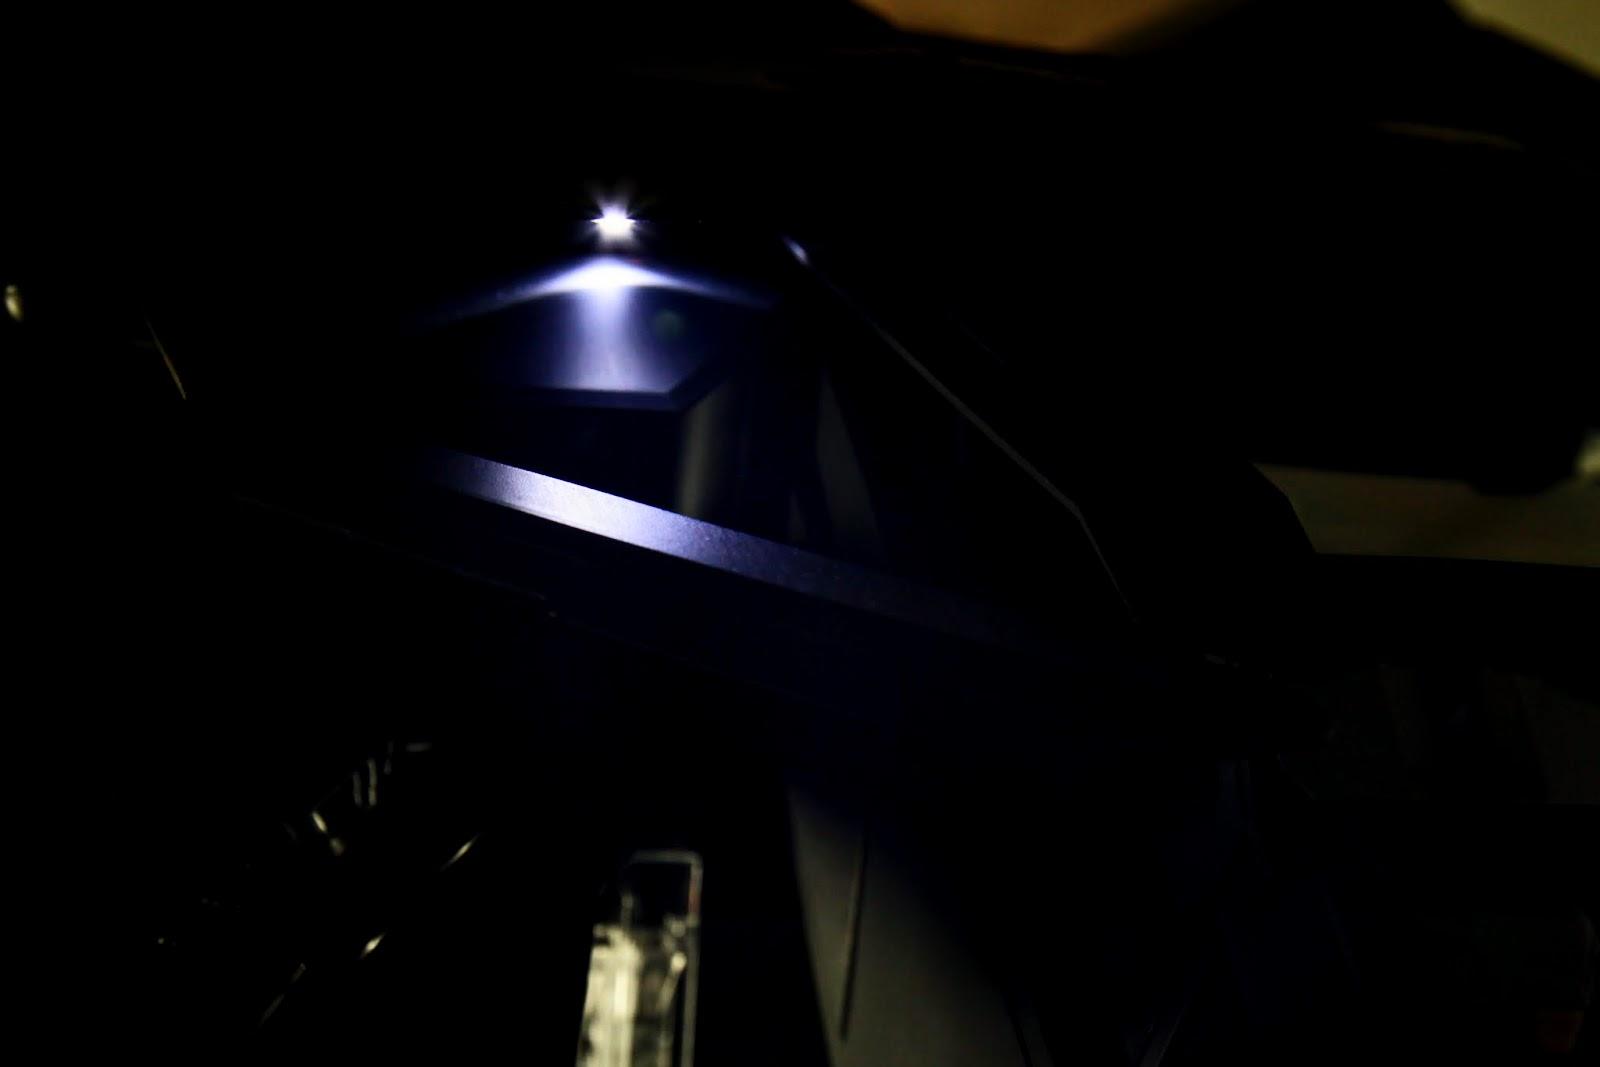 機頂的小燈有點被擋到